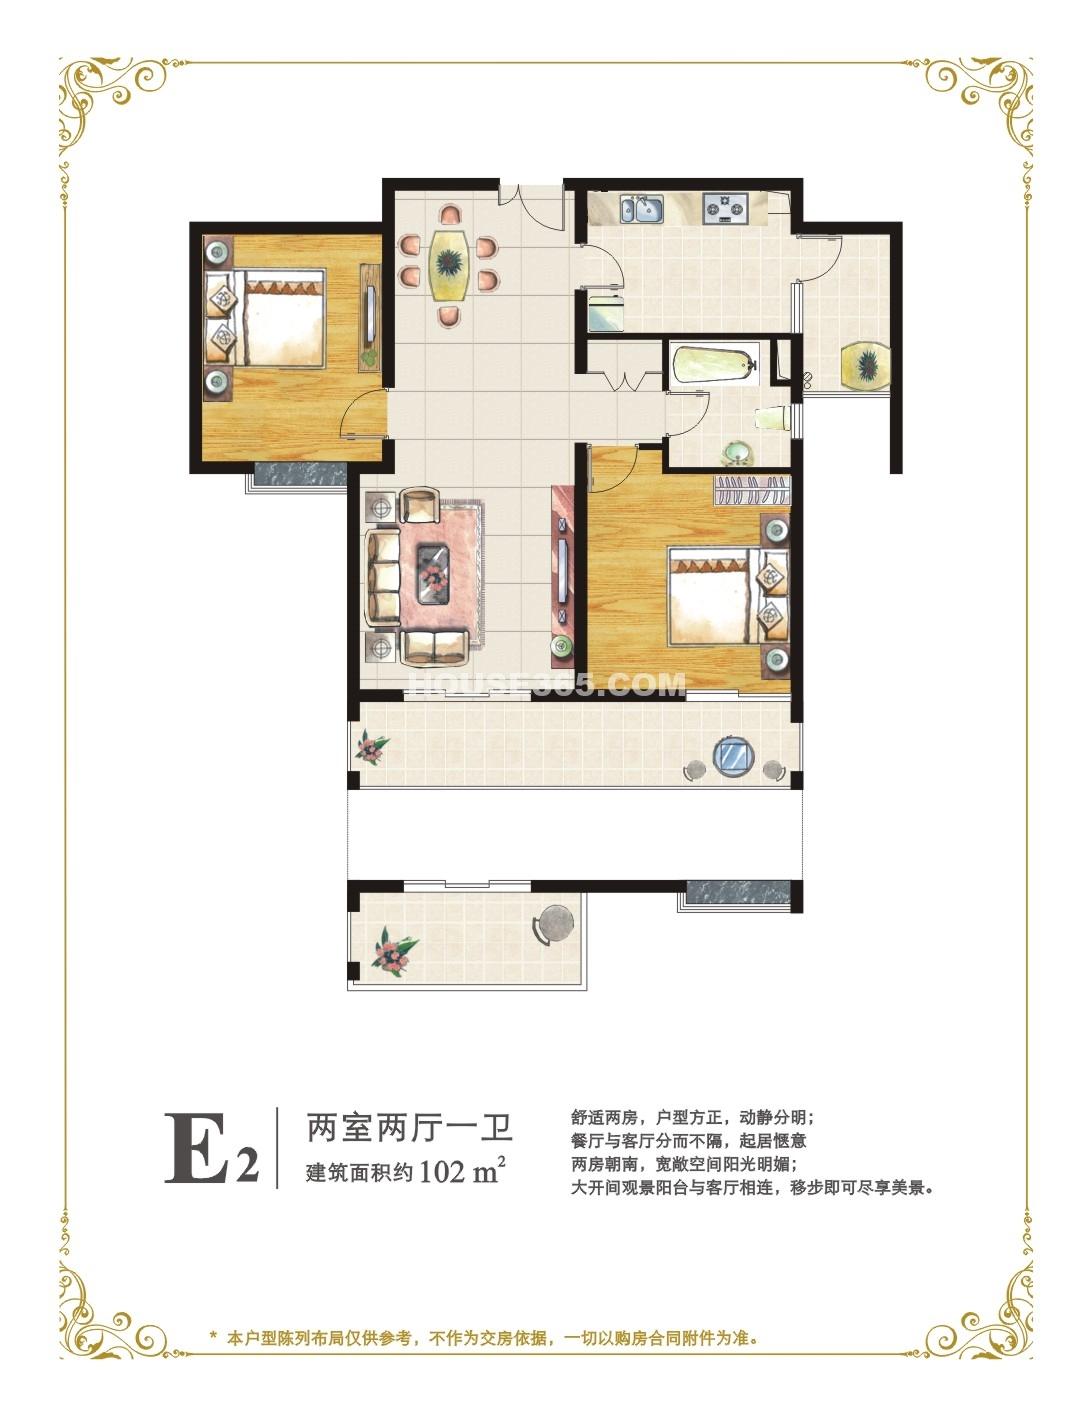 E2户型 102㎡ 2室2厅1卫